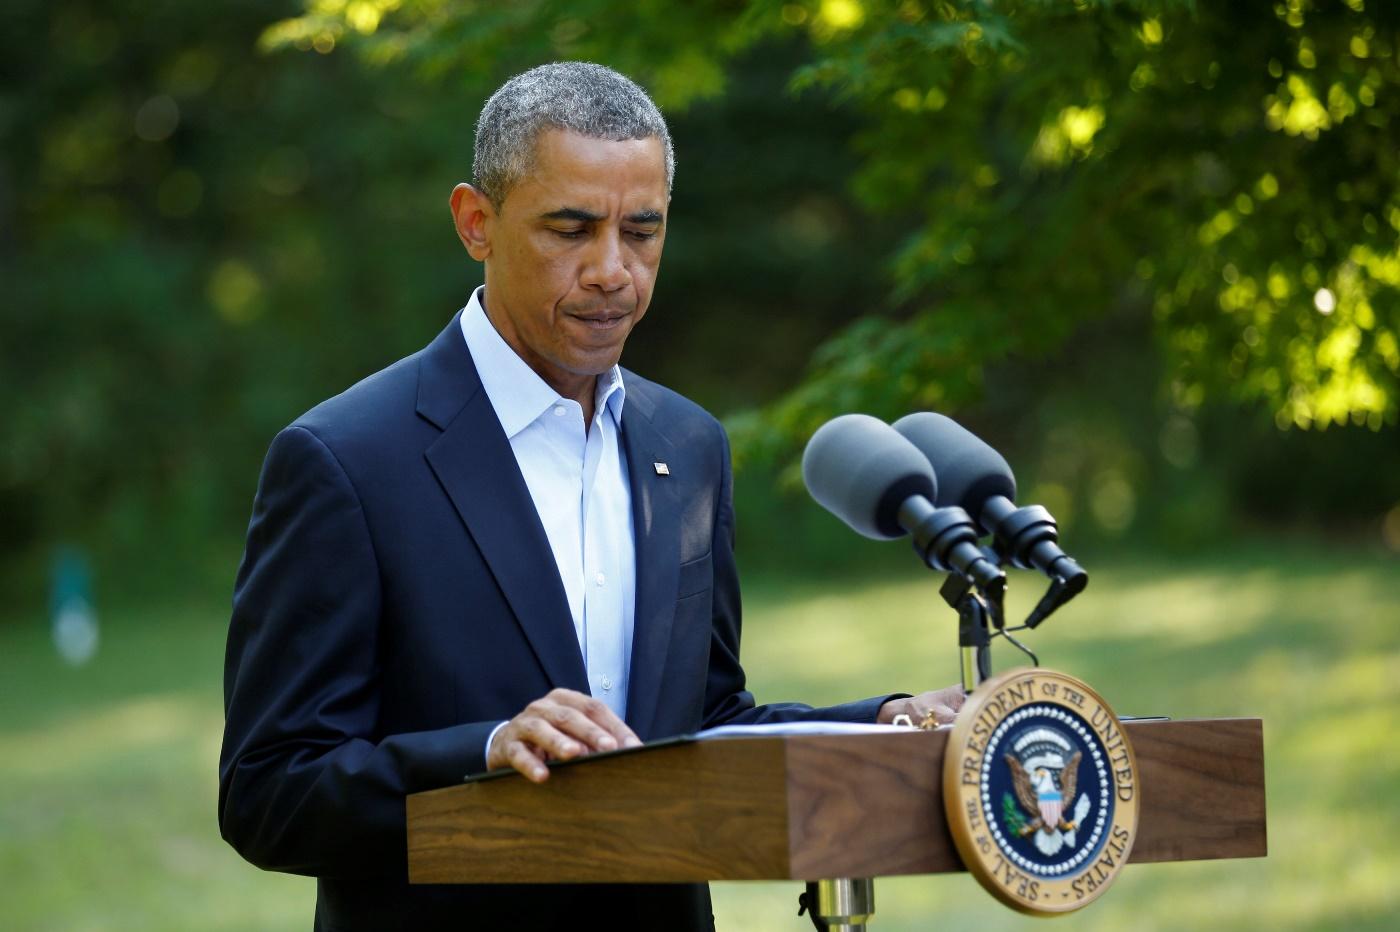 Νέος πρωθυπουργός στο Ιράκ με τις ευλογίες των ΗΠΑ